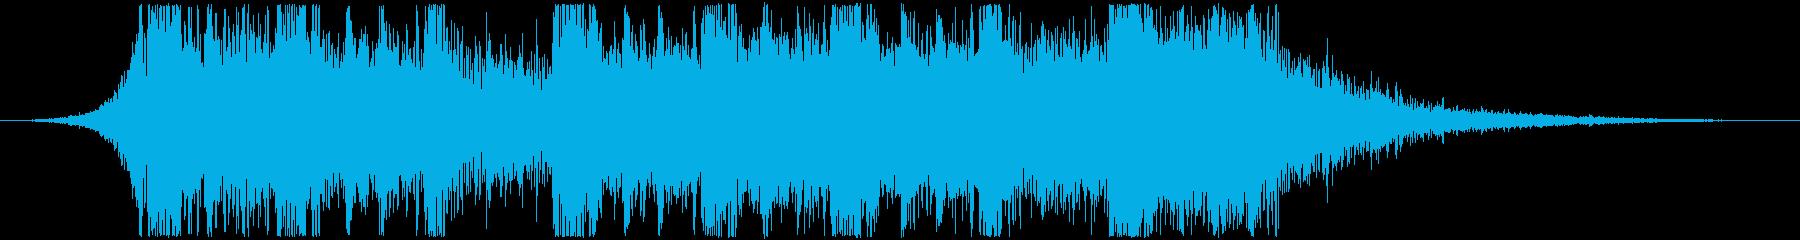 エレクトロ系のジングルですの再生済みの波形